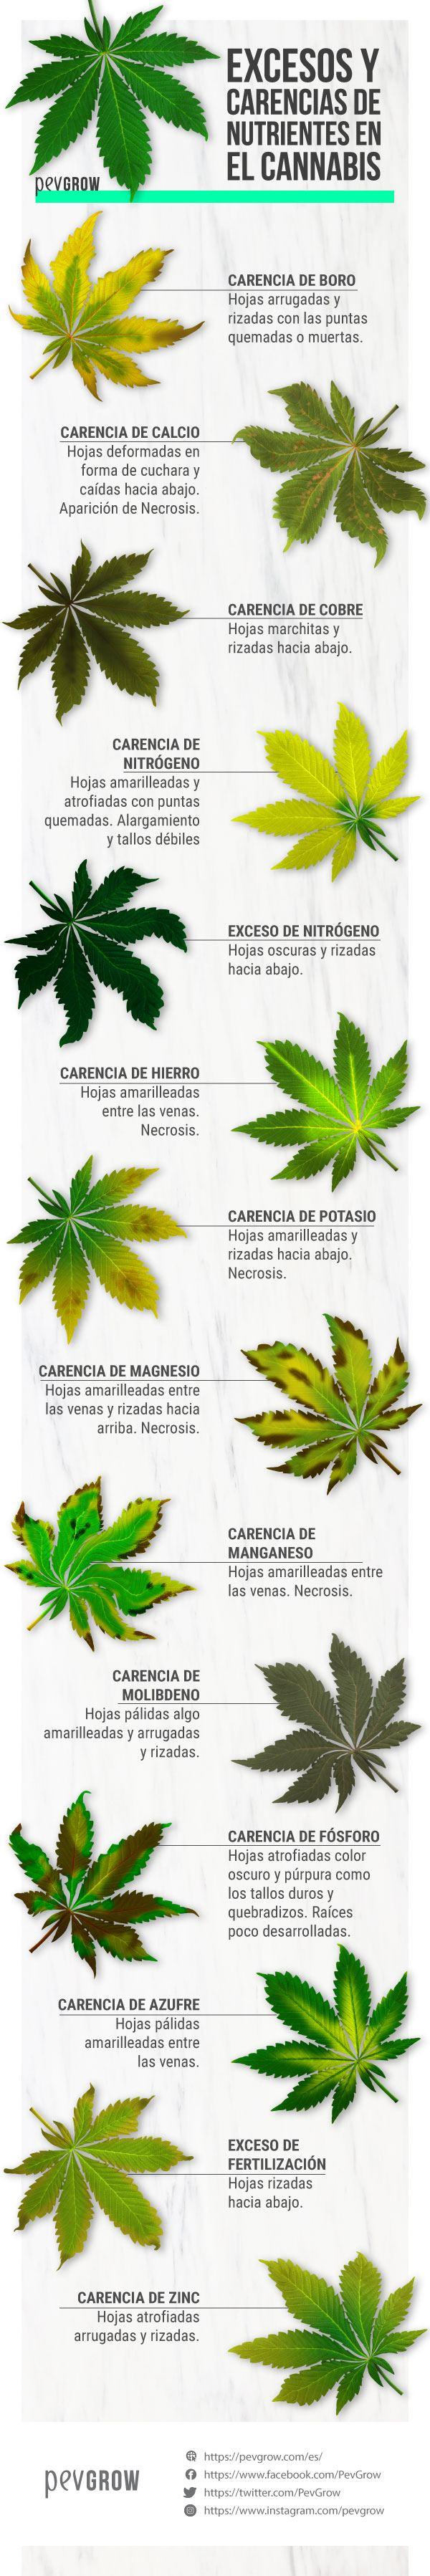 Excesos y carencias a la hora del cultivo de la marihuana